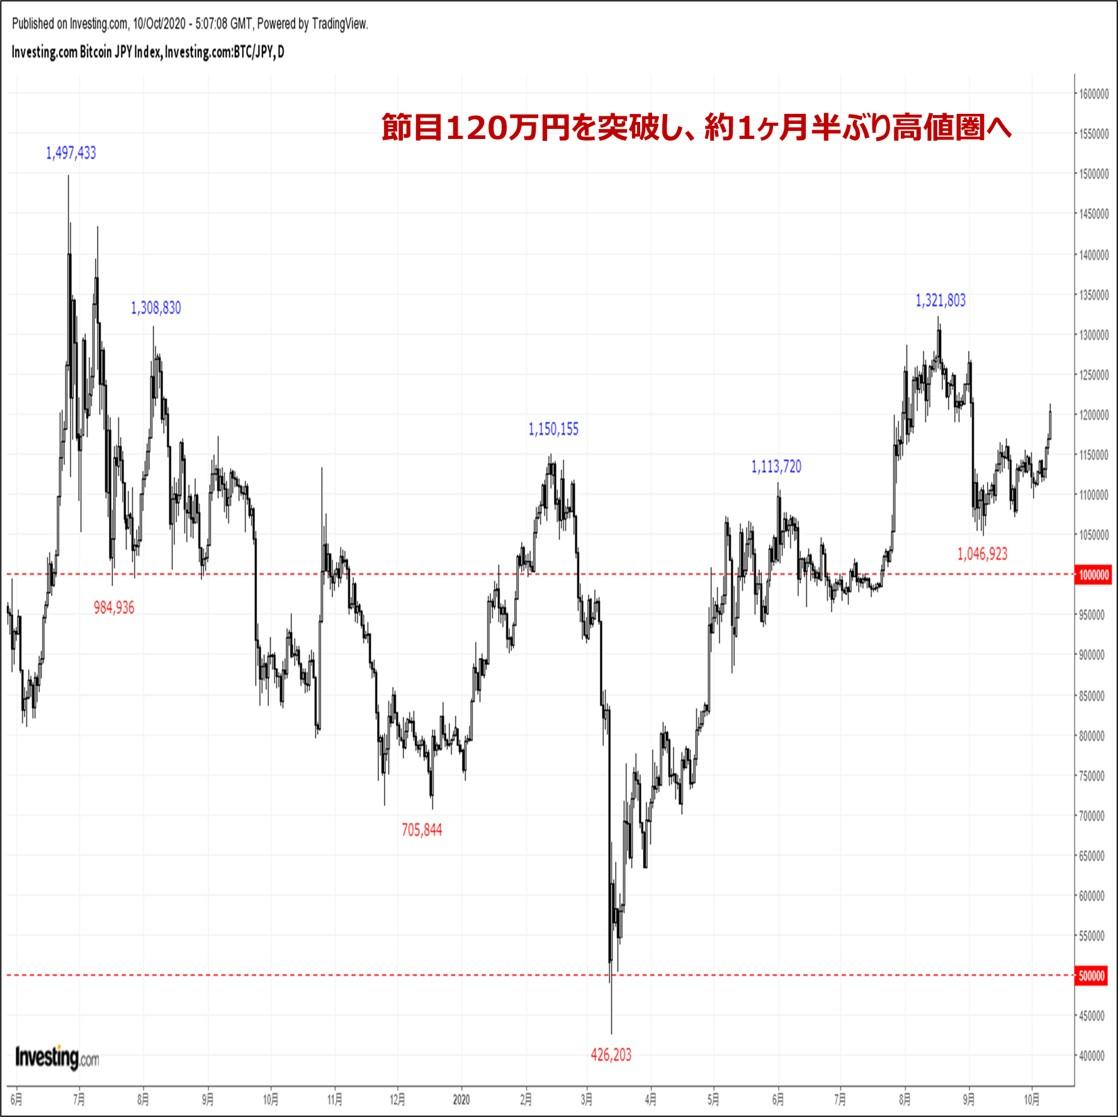 ビットコインの価格分析:『三役好転成立でセンチメント回復。来週は上値余地を探る展開か』(10/10)